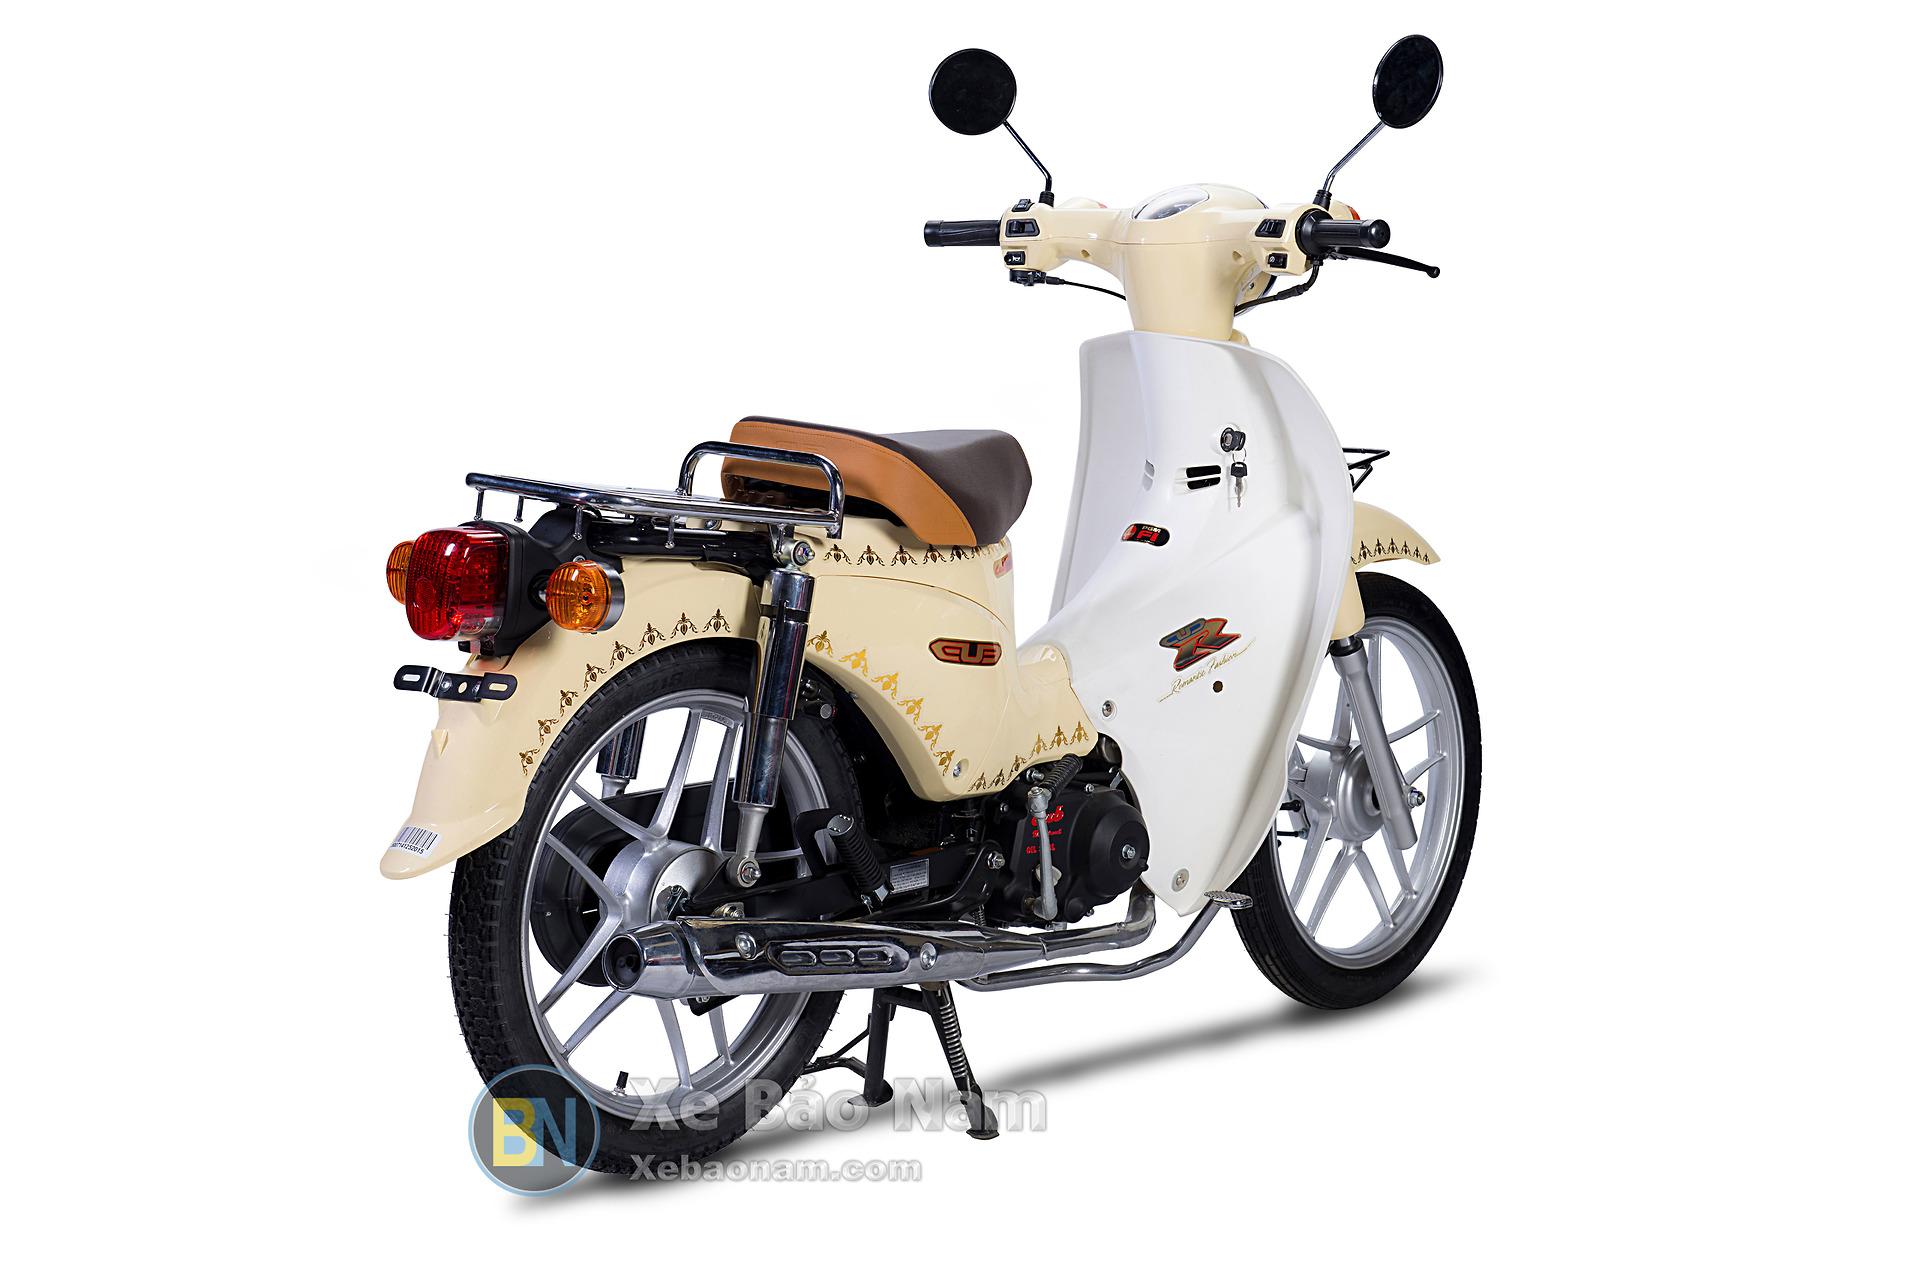 Xe Cub Honda 3